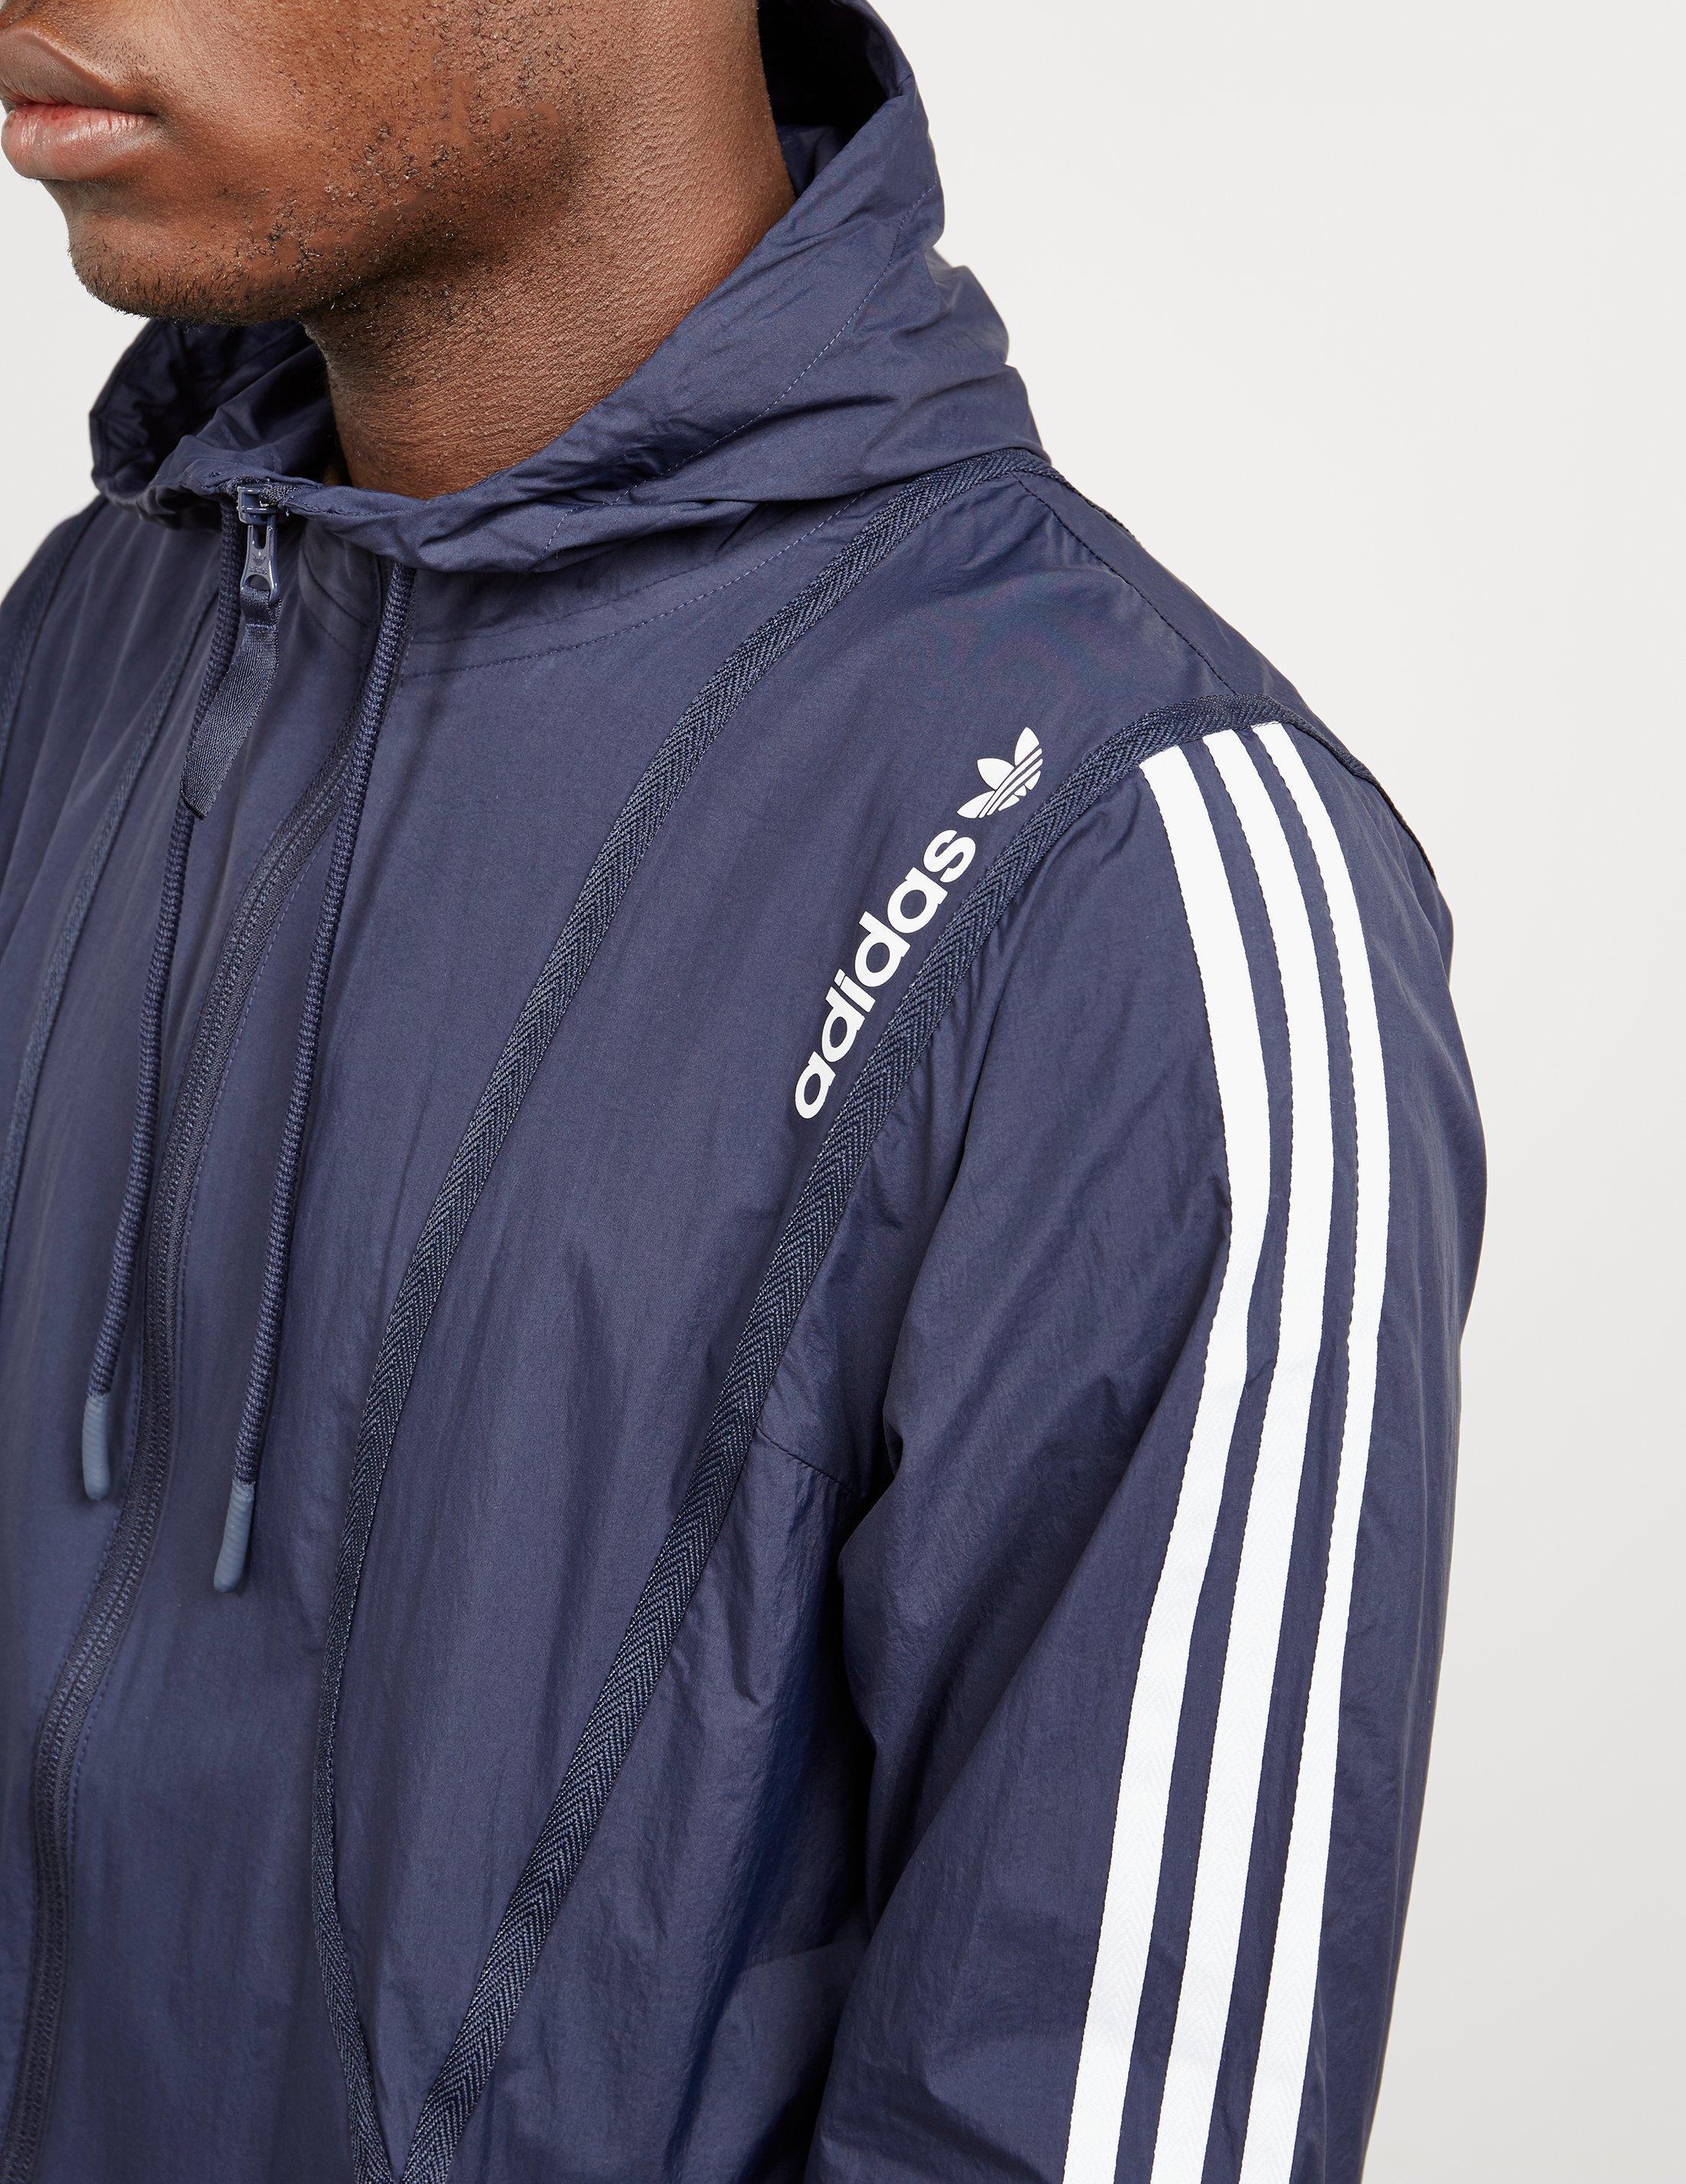 ec8728e9547e9 Lyst - adidas Originals Clr84 Windbreaker Jacket in Blue for Men